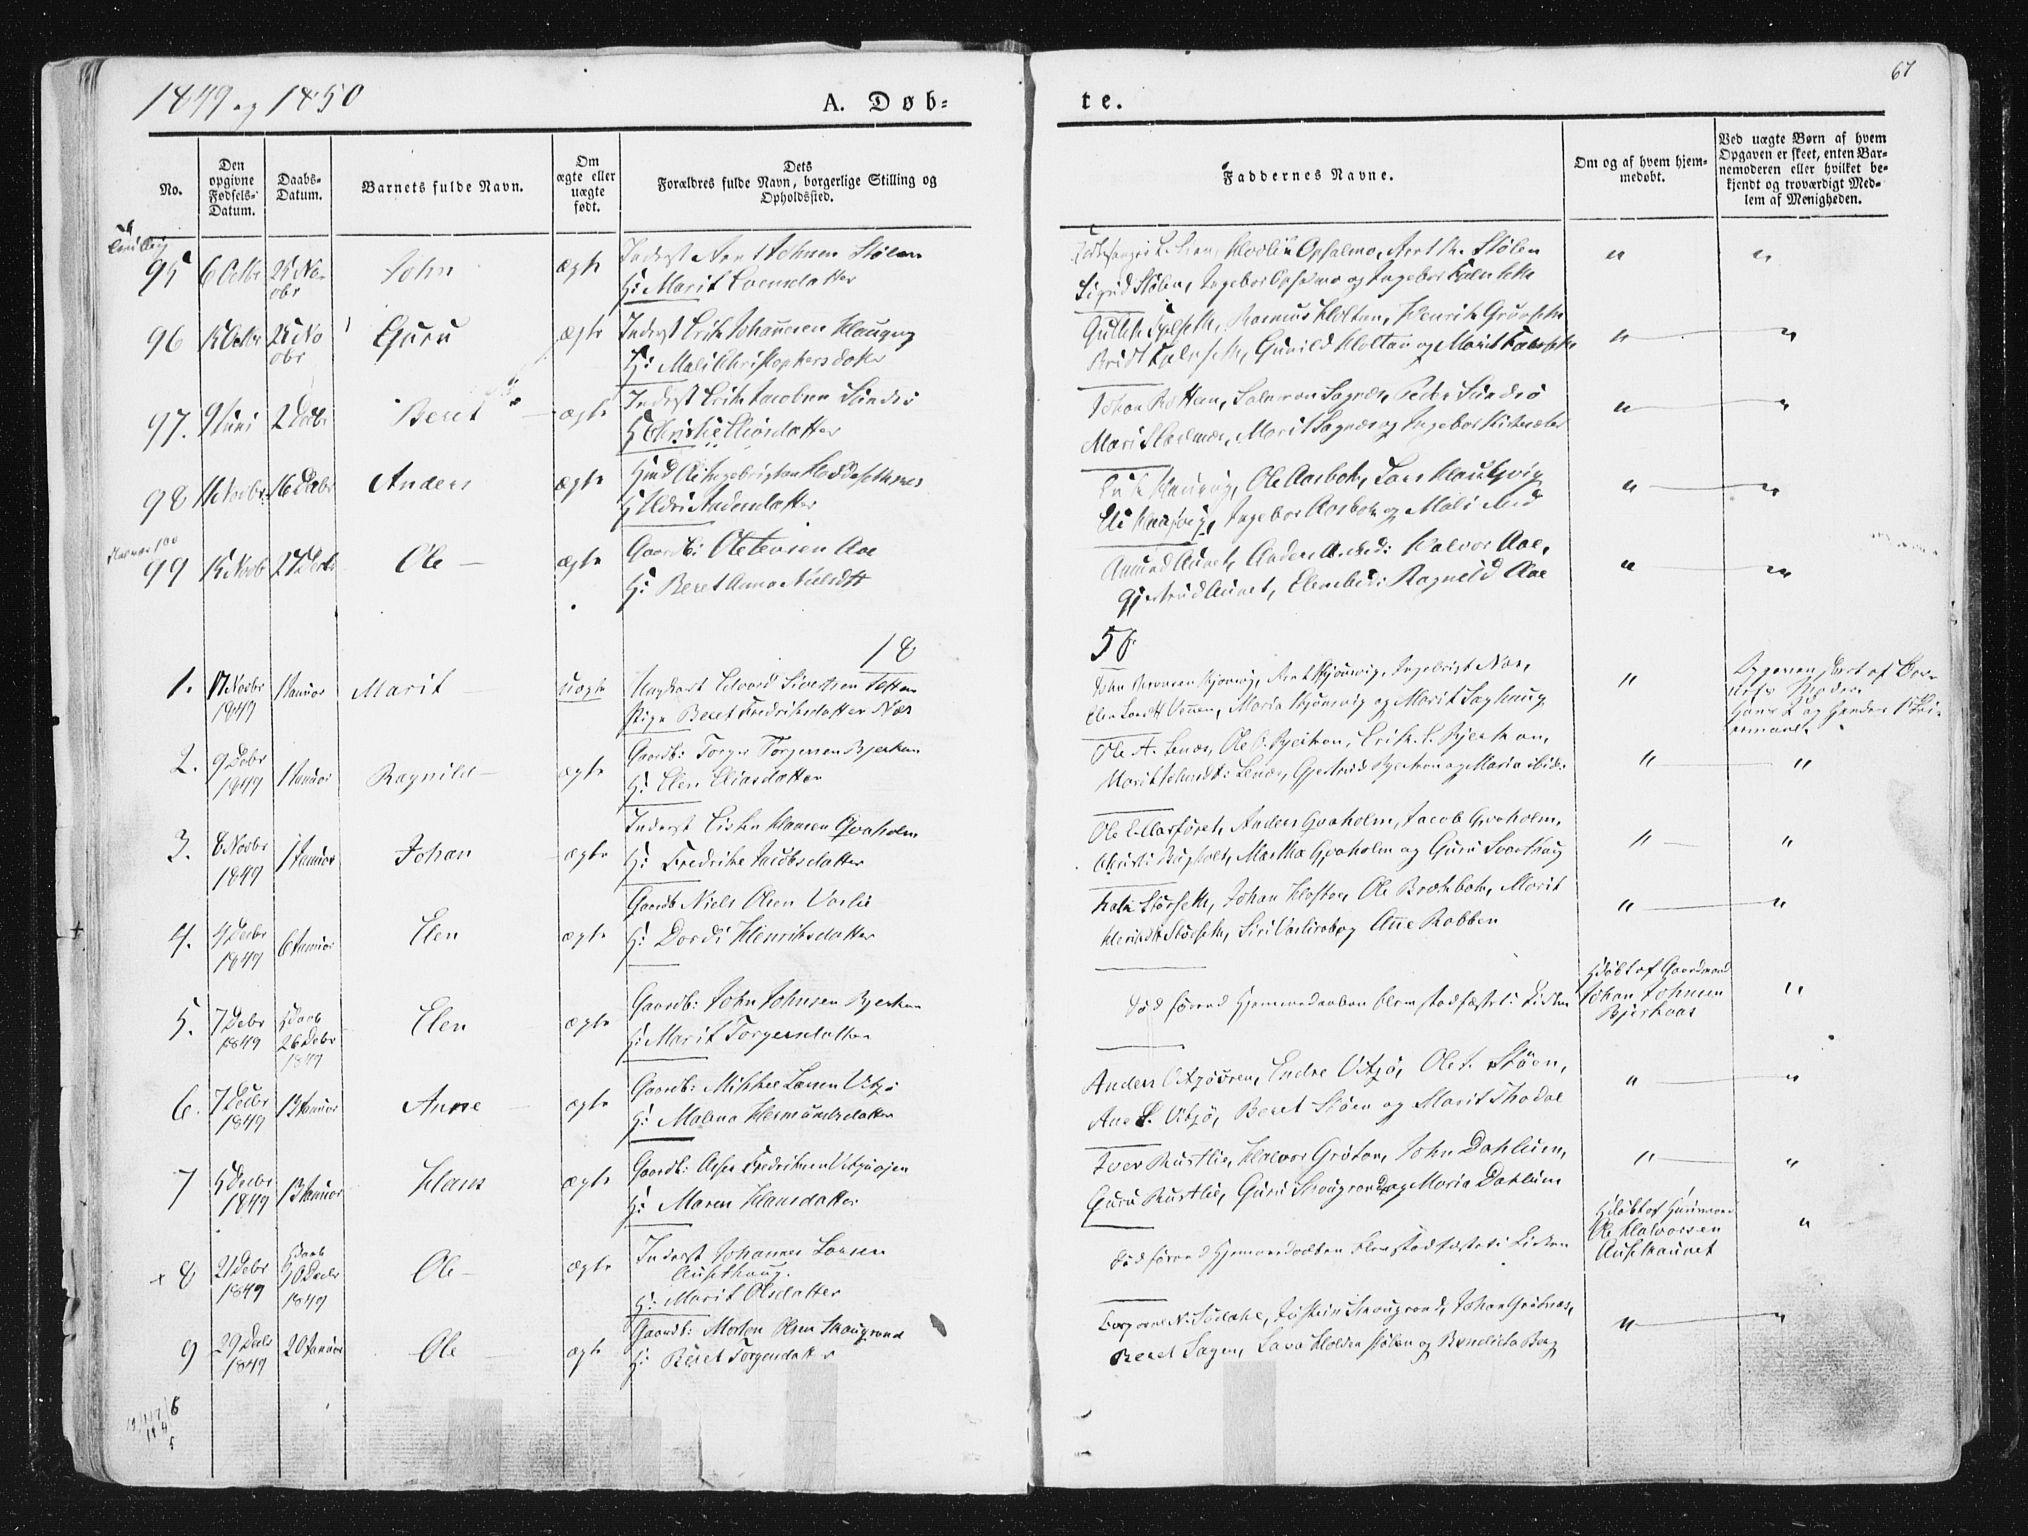 SAT, Ministerialprotokoller, klokkerbøker og fødselsregistre - Sør-Trøndelag, 630/L0493: Ministerialbok nr. 630A06, 1841-1851, s. 67